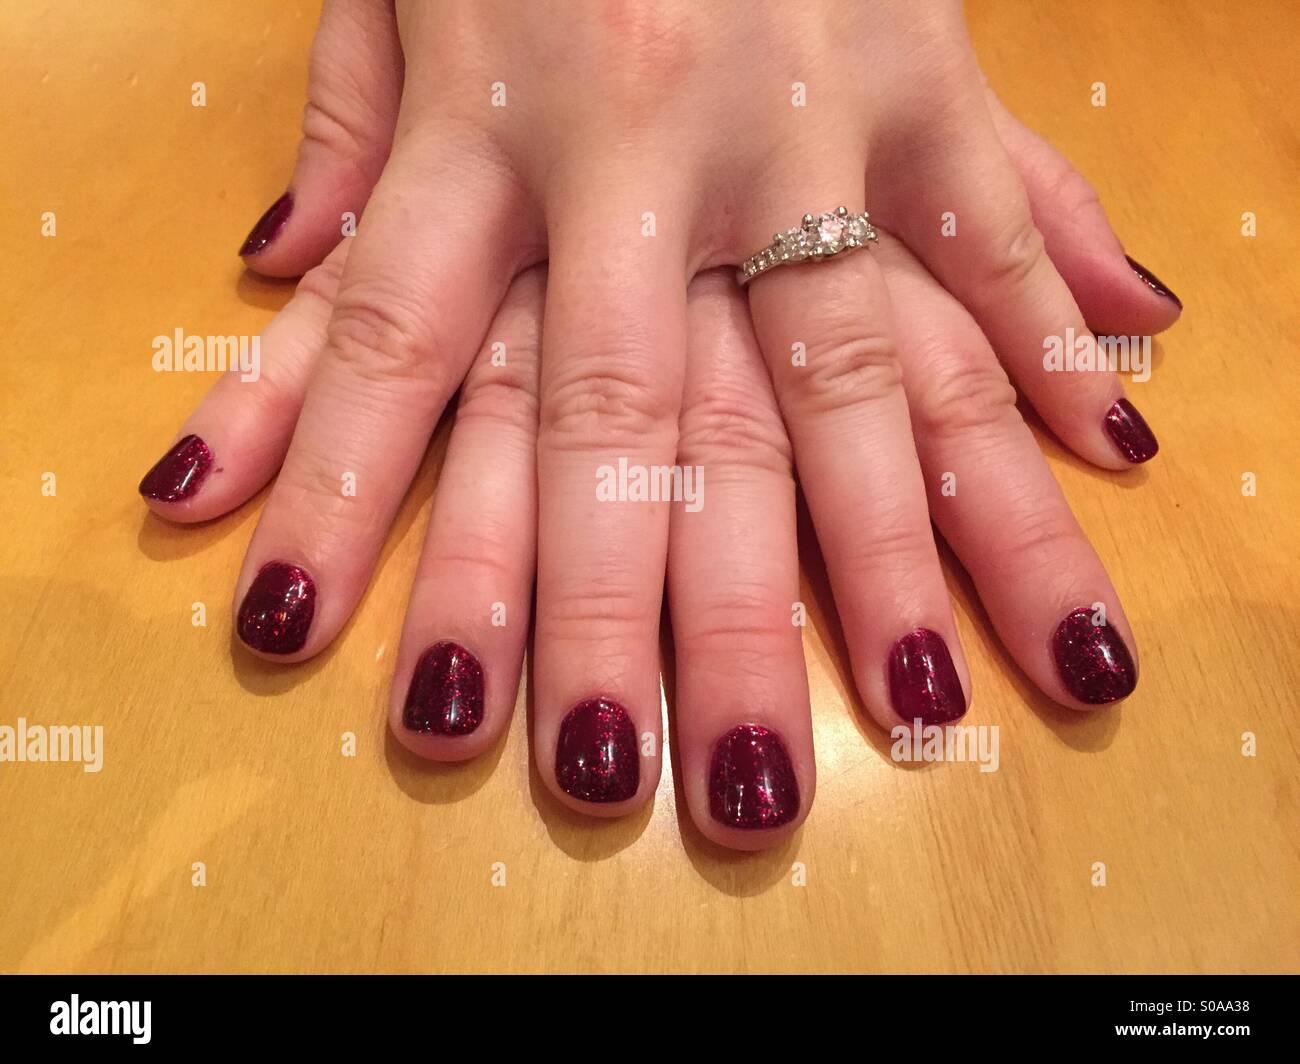 Las dos manos de forma plana sobre la mesa con los dedos entrelazados y con uñas pintadas y un anillo de compromiso. Imagen De Stock